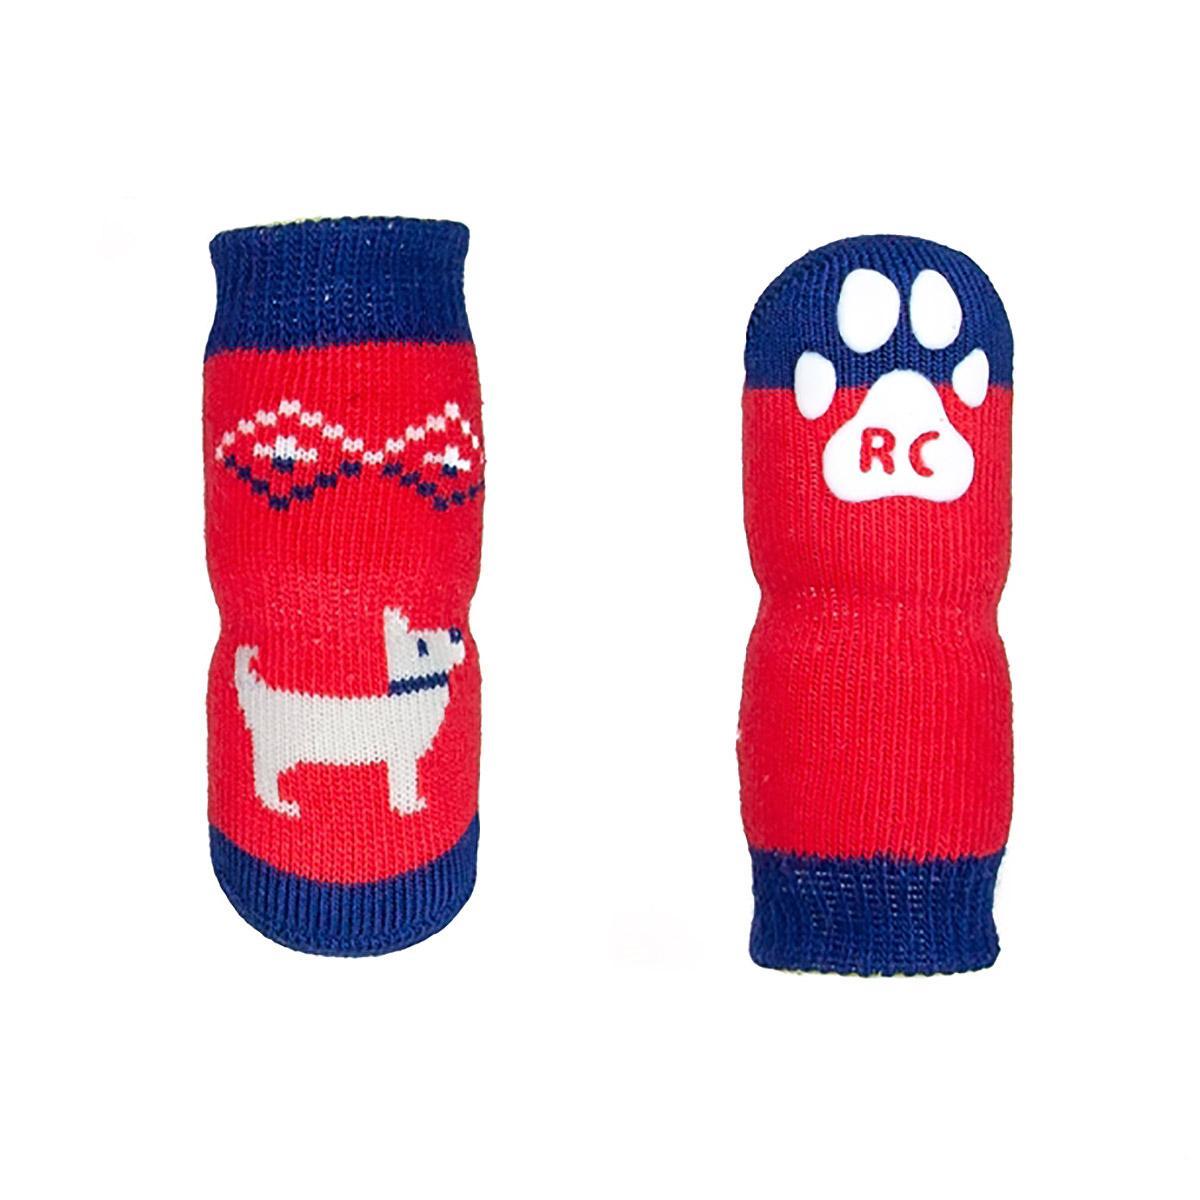 Pawesome PAWks Dog Socks